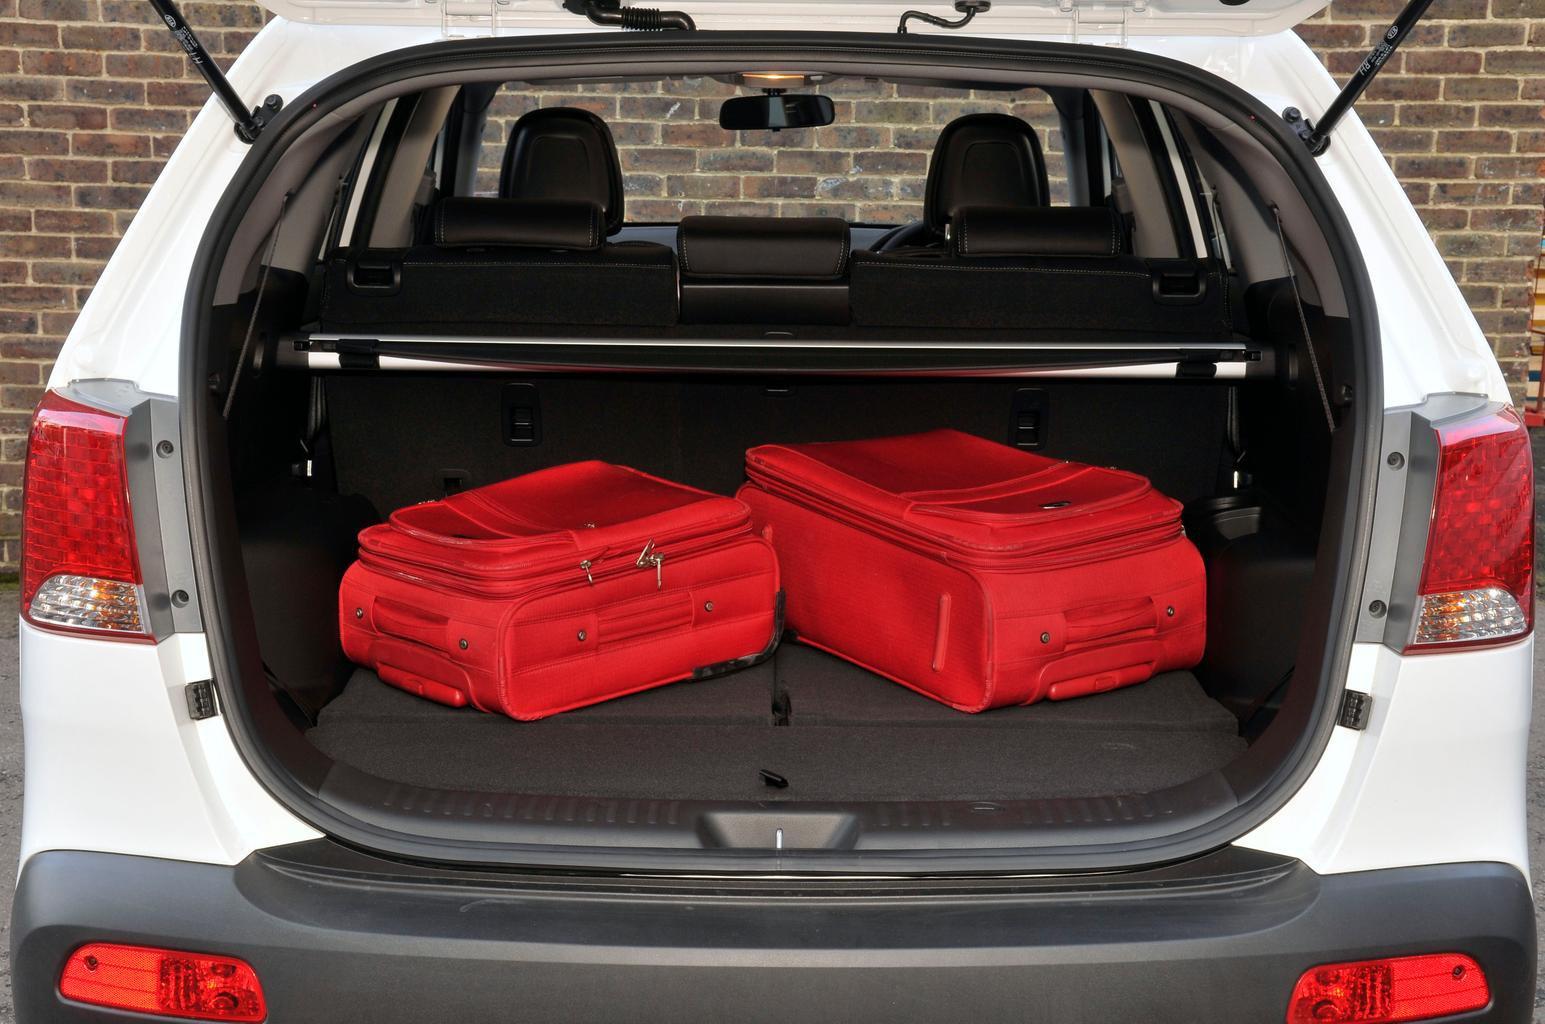 Used Kia Sorento Review - 2010-2015 Reliability, Common